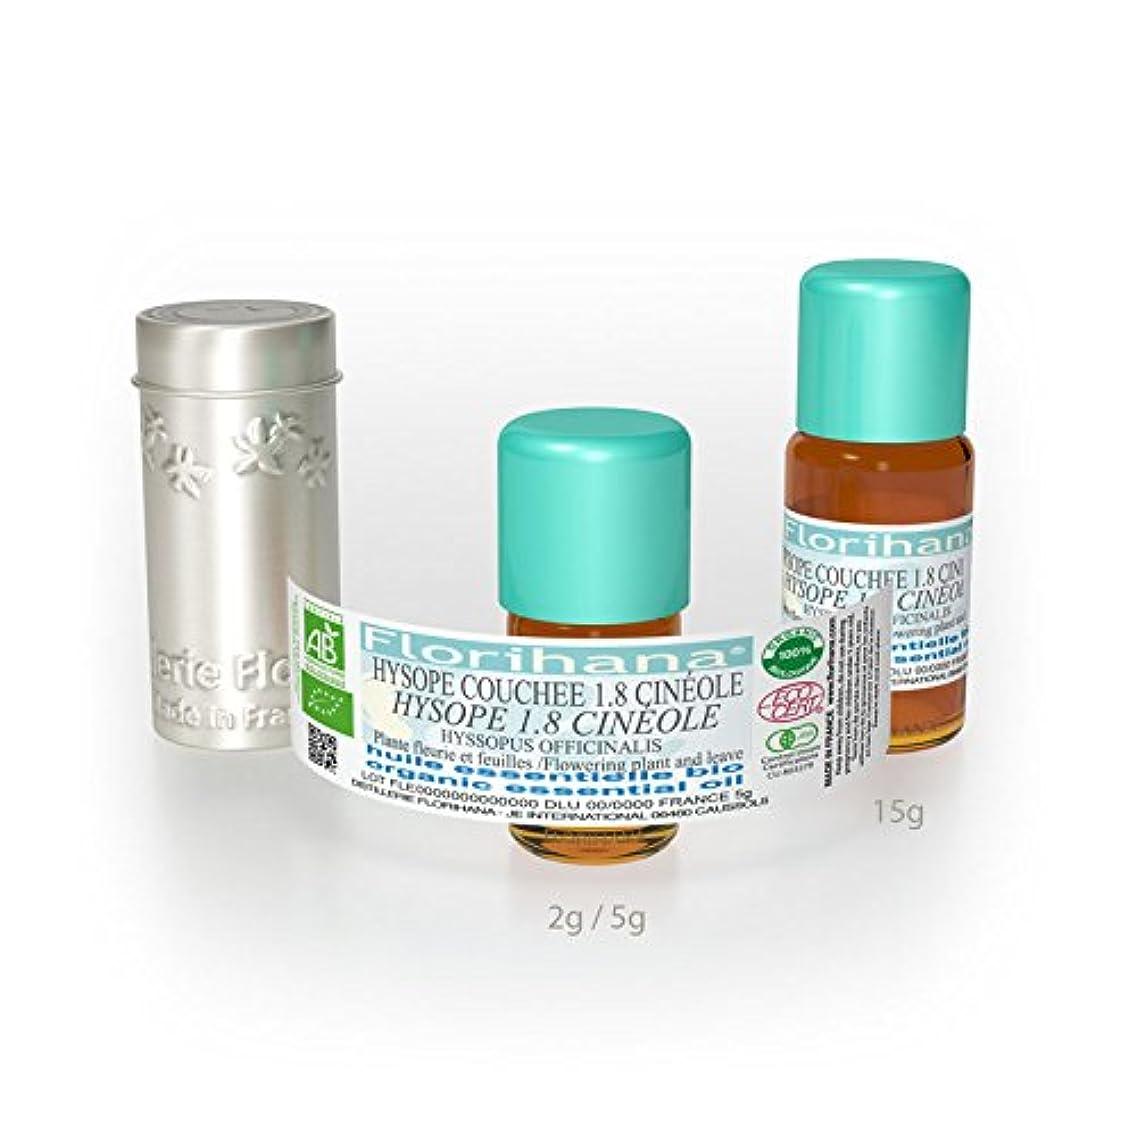 キャンディー直接コーラスオーガニック エッセンシャルオイル ヒソップ1.8シネオール 15g(16.5ml)